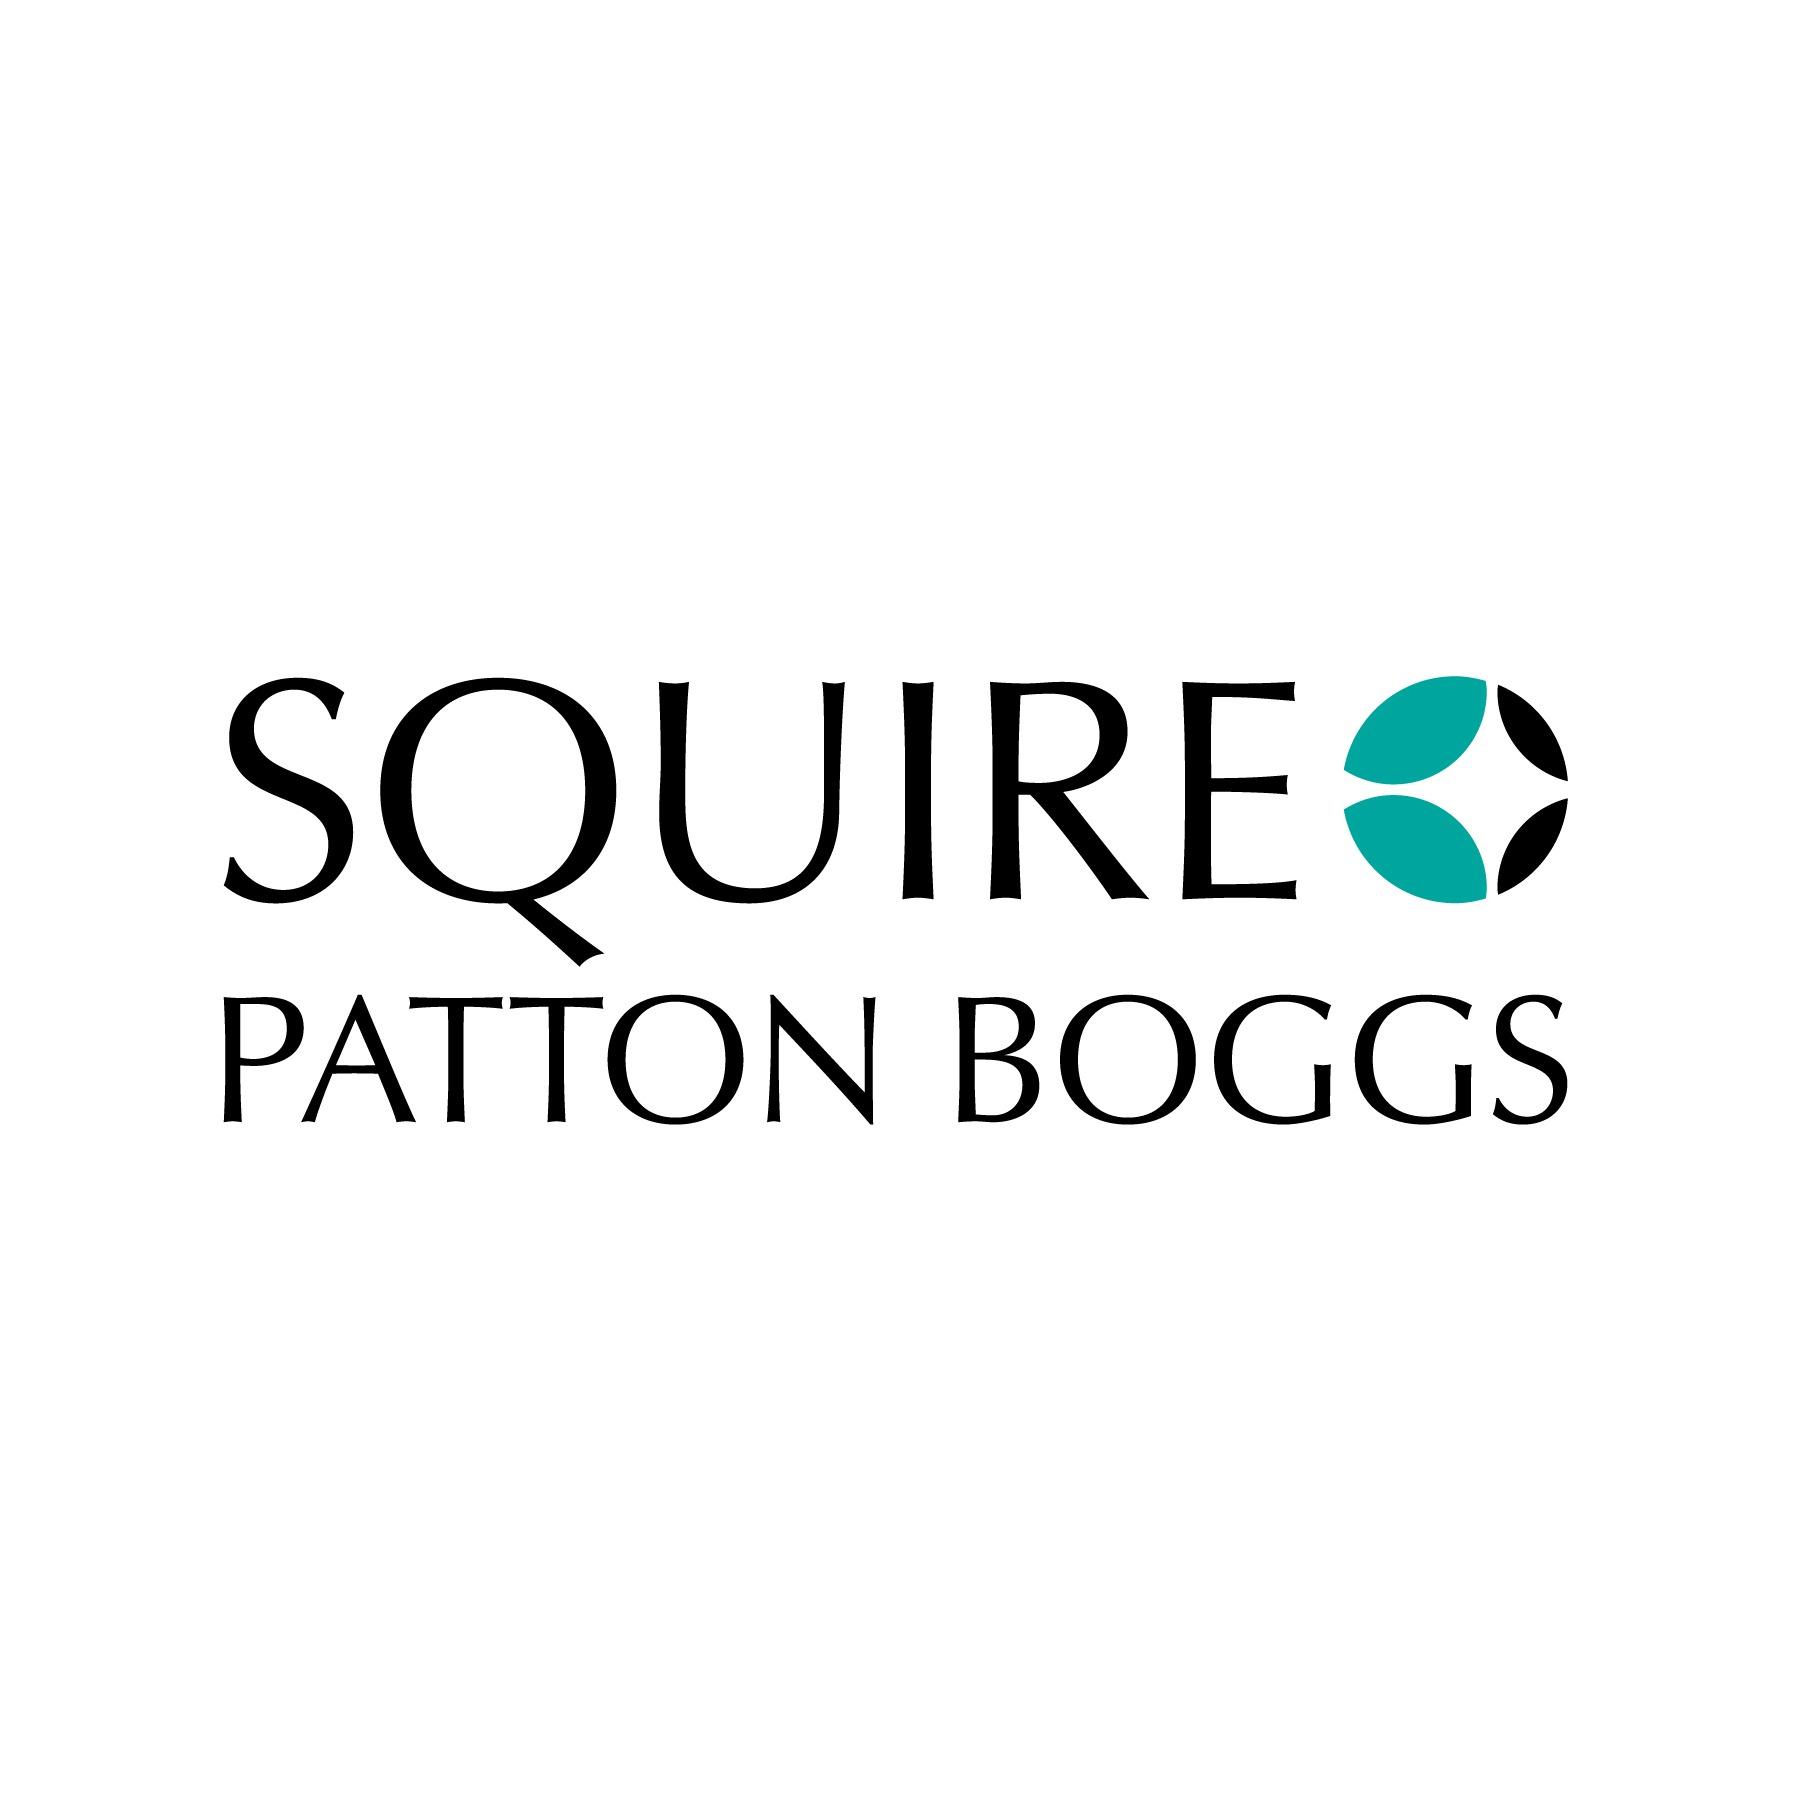 the Squire Patton Boggs logo.